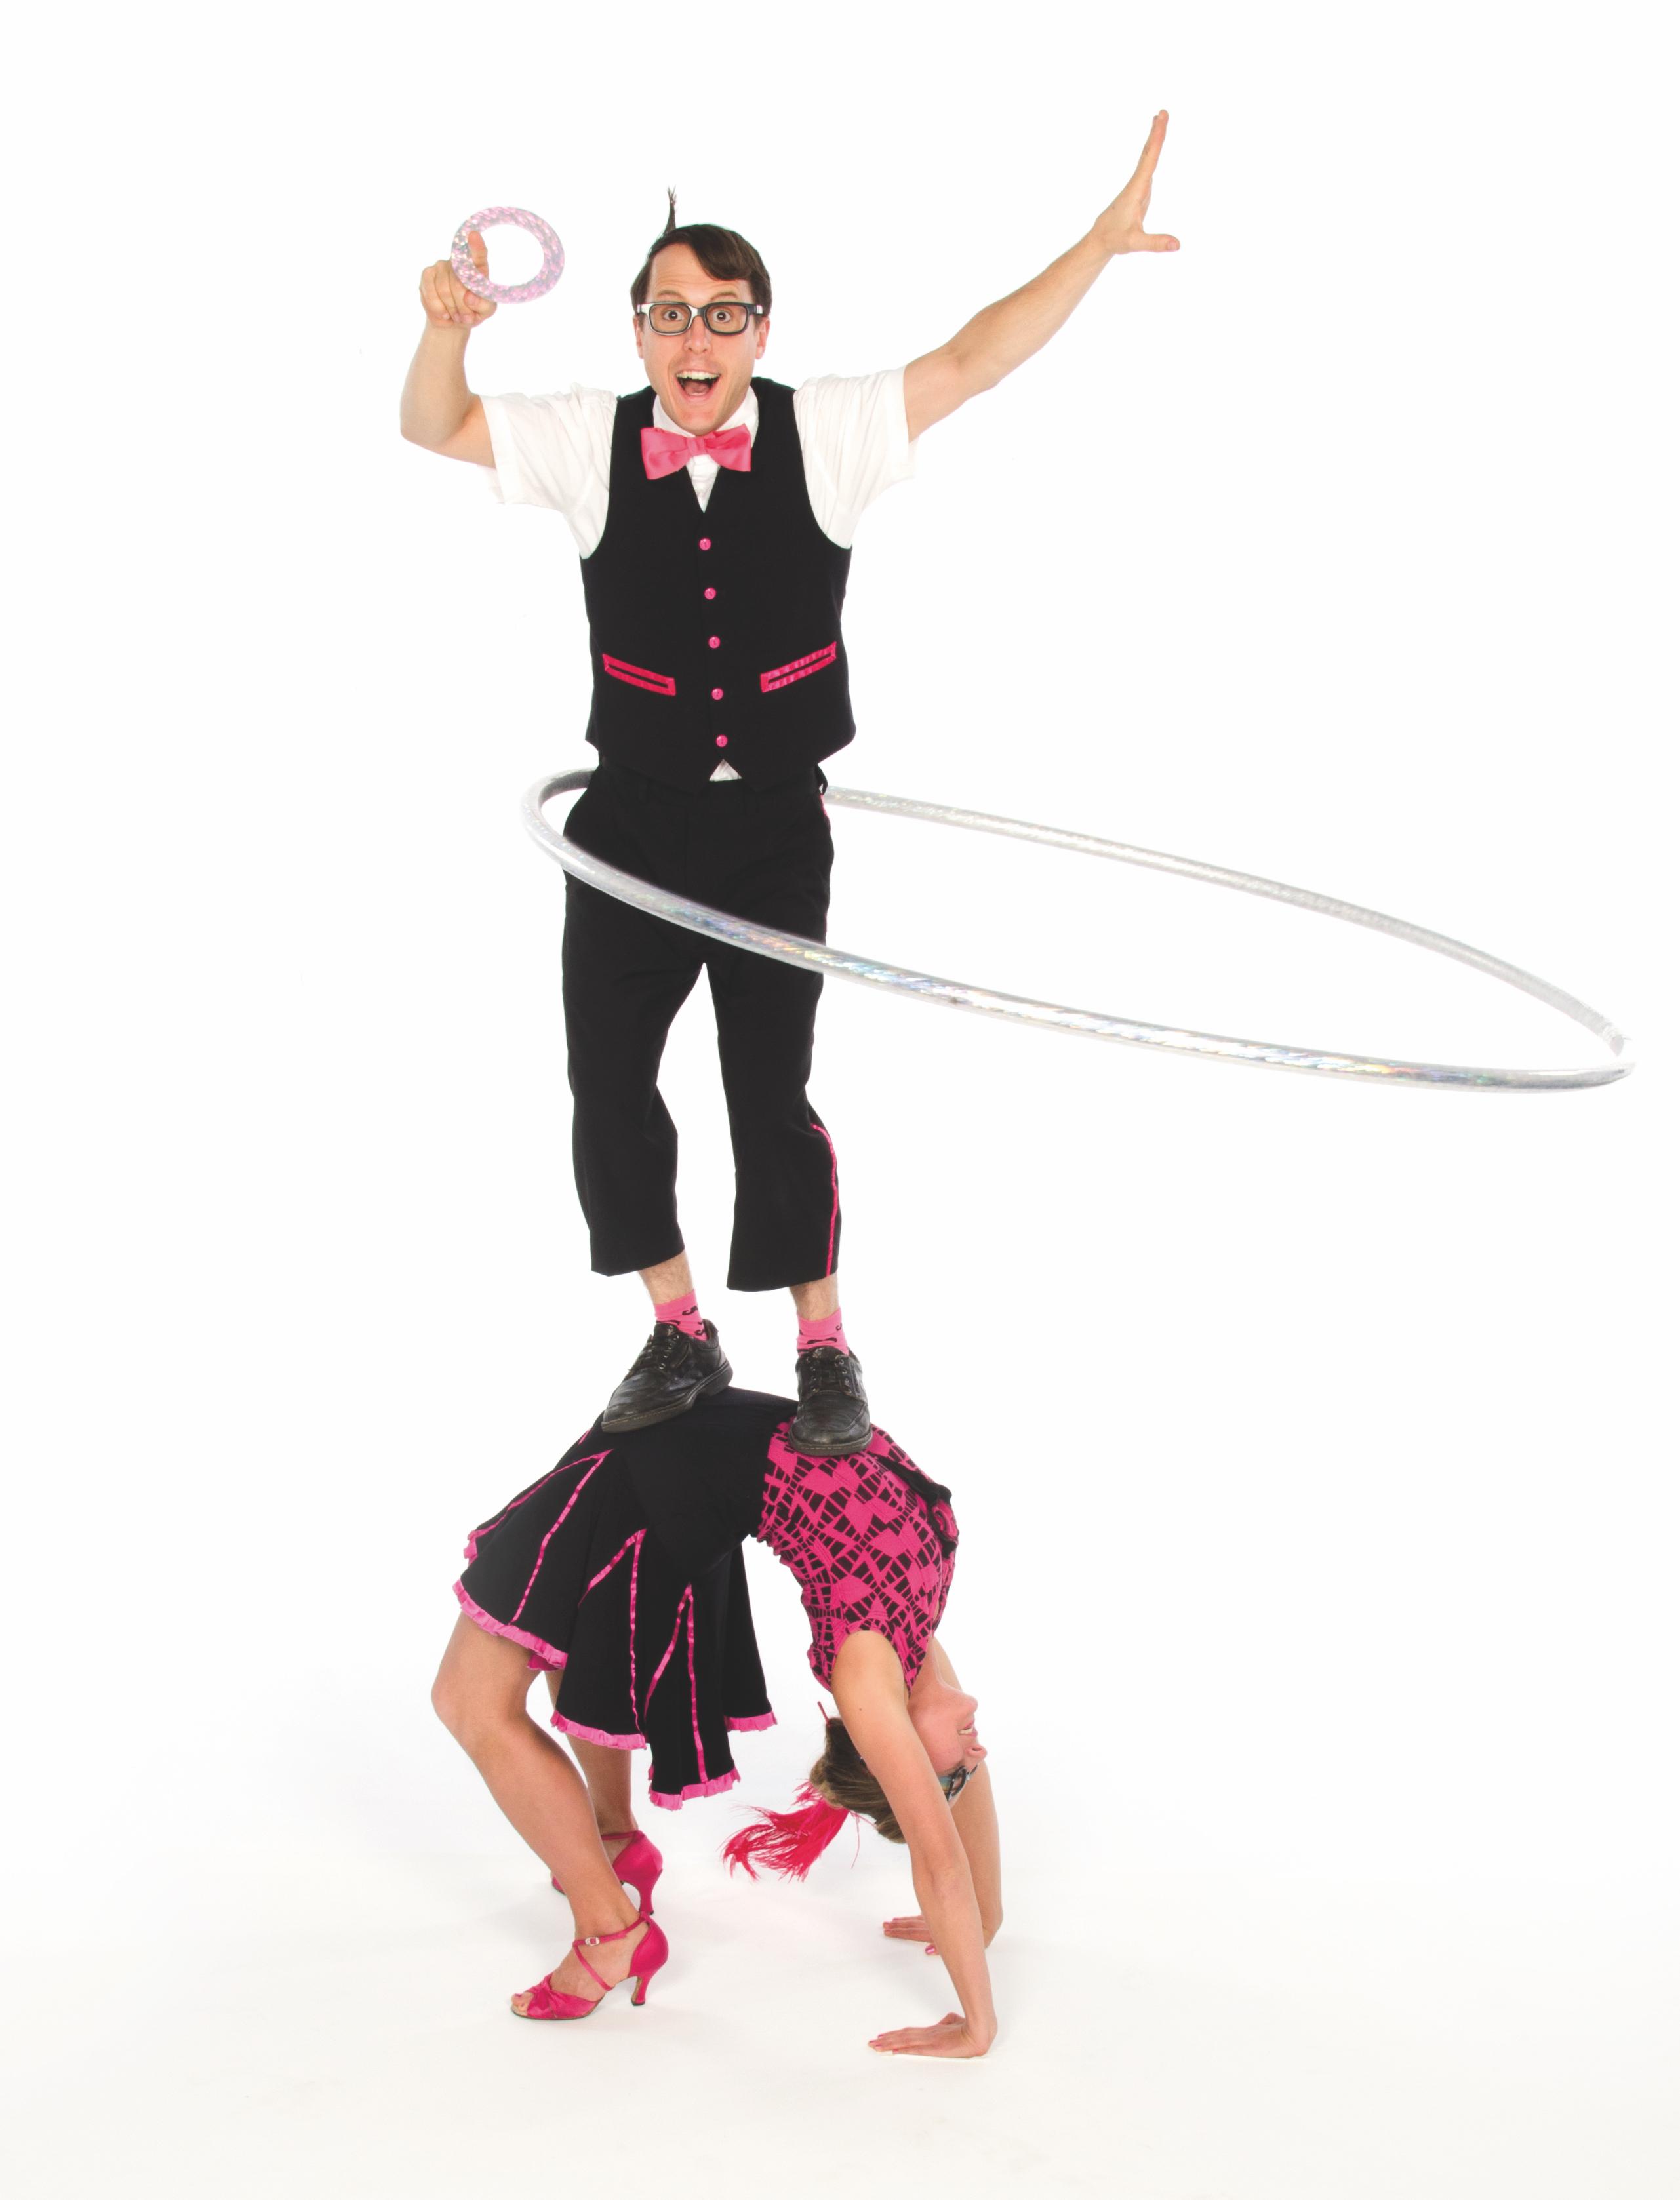 6 Duo Hoops